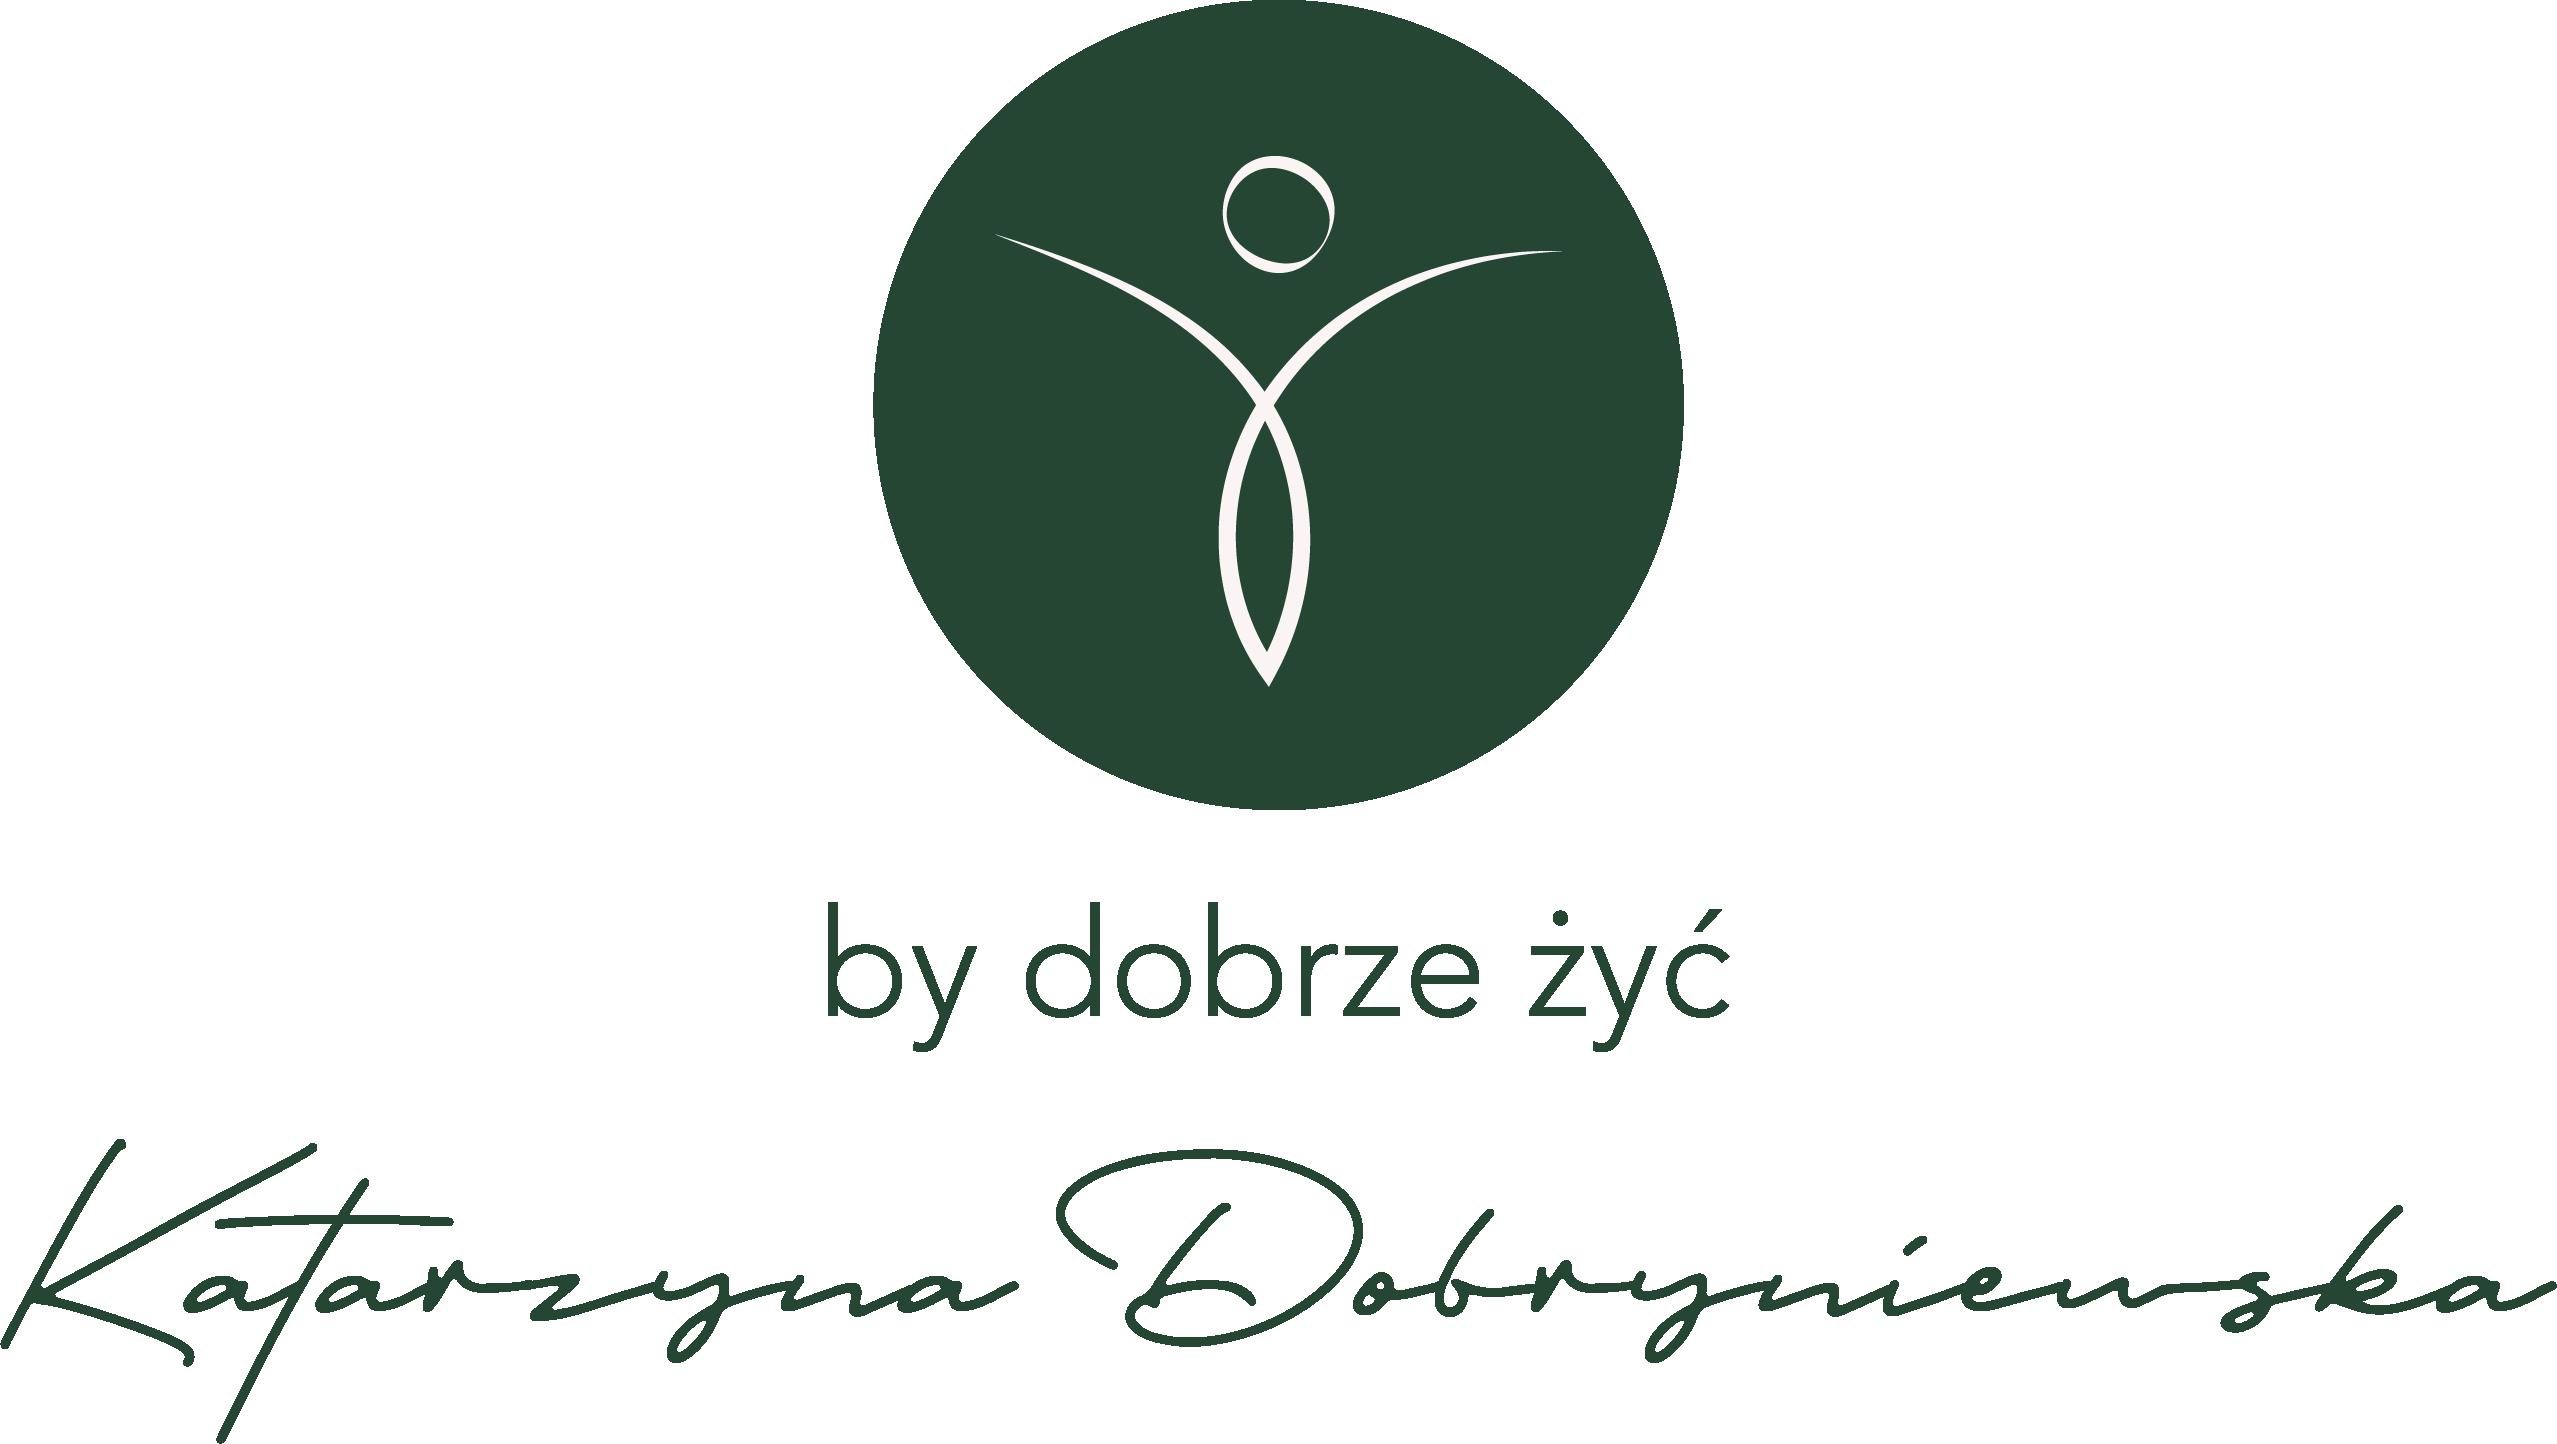 Katarzyna Dobryniewska logo